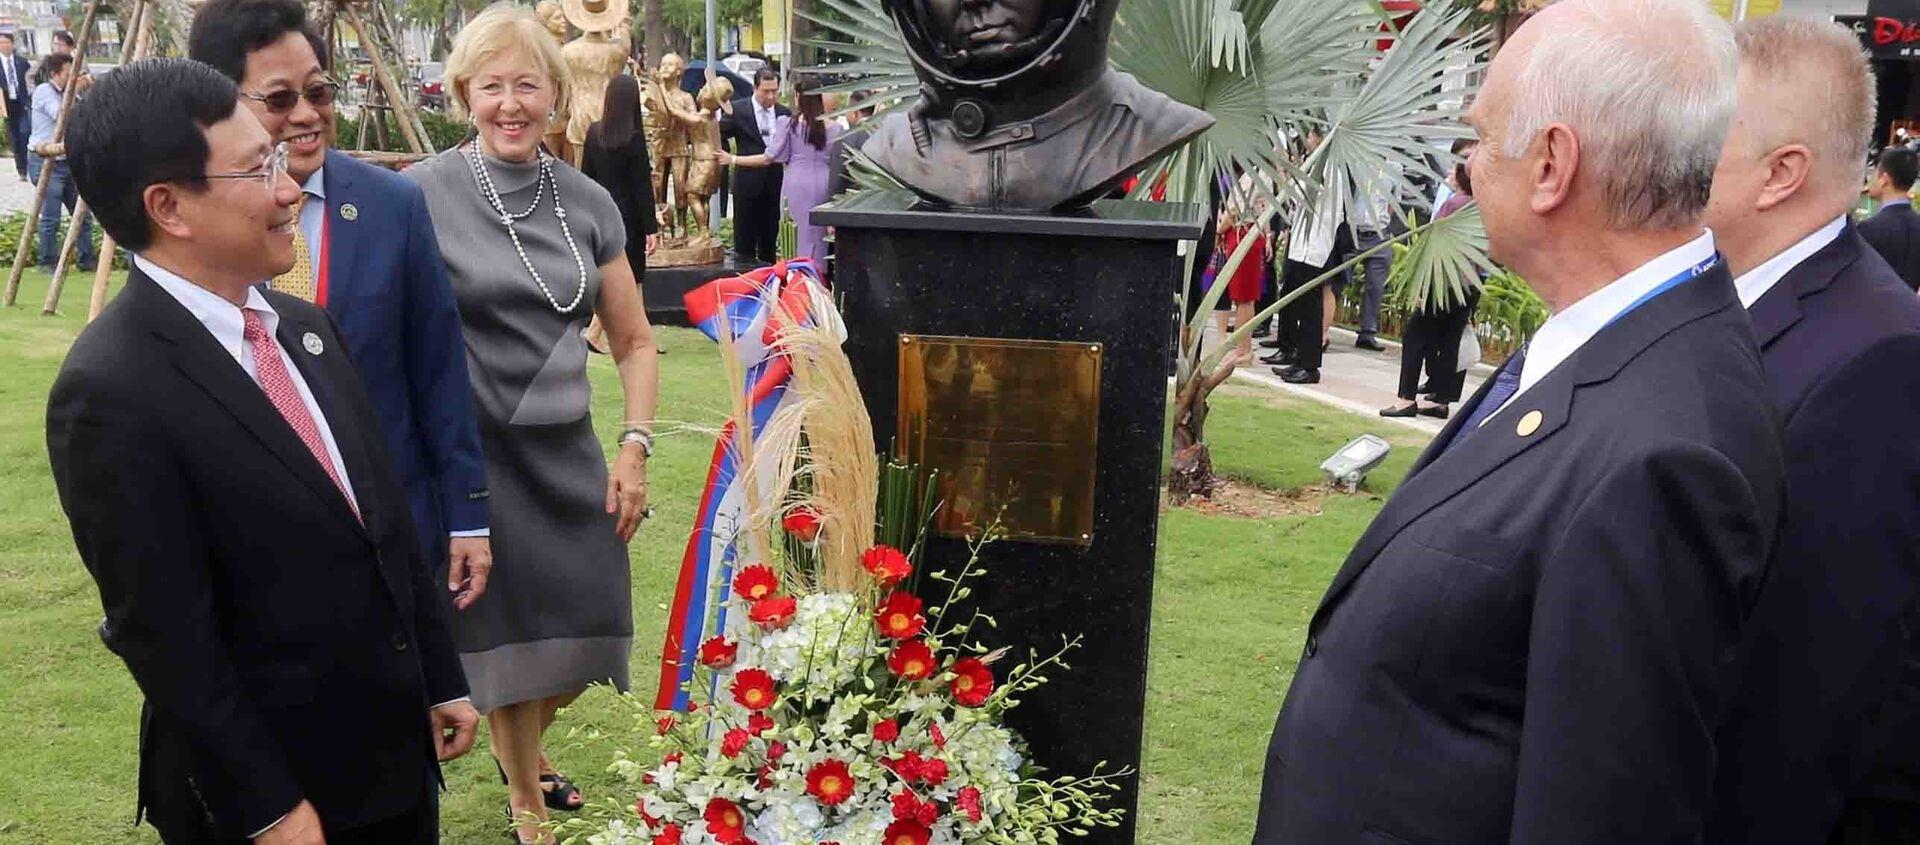 Phó Thủ tướng Chính phủ, Bộ trưởng Ngoại giao Phạm Bình Minh, Chủ tịch Ủy ban Quốc gia APEC 2017 (trái) cùng các đại biểu với tác phẩm tượng điêu khắc của nền kinh tế Nga tại công viên APEC. - Sputnik Việt Nam, 1920, 11.11.2017